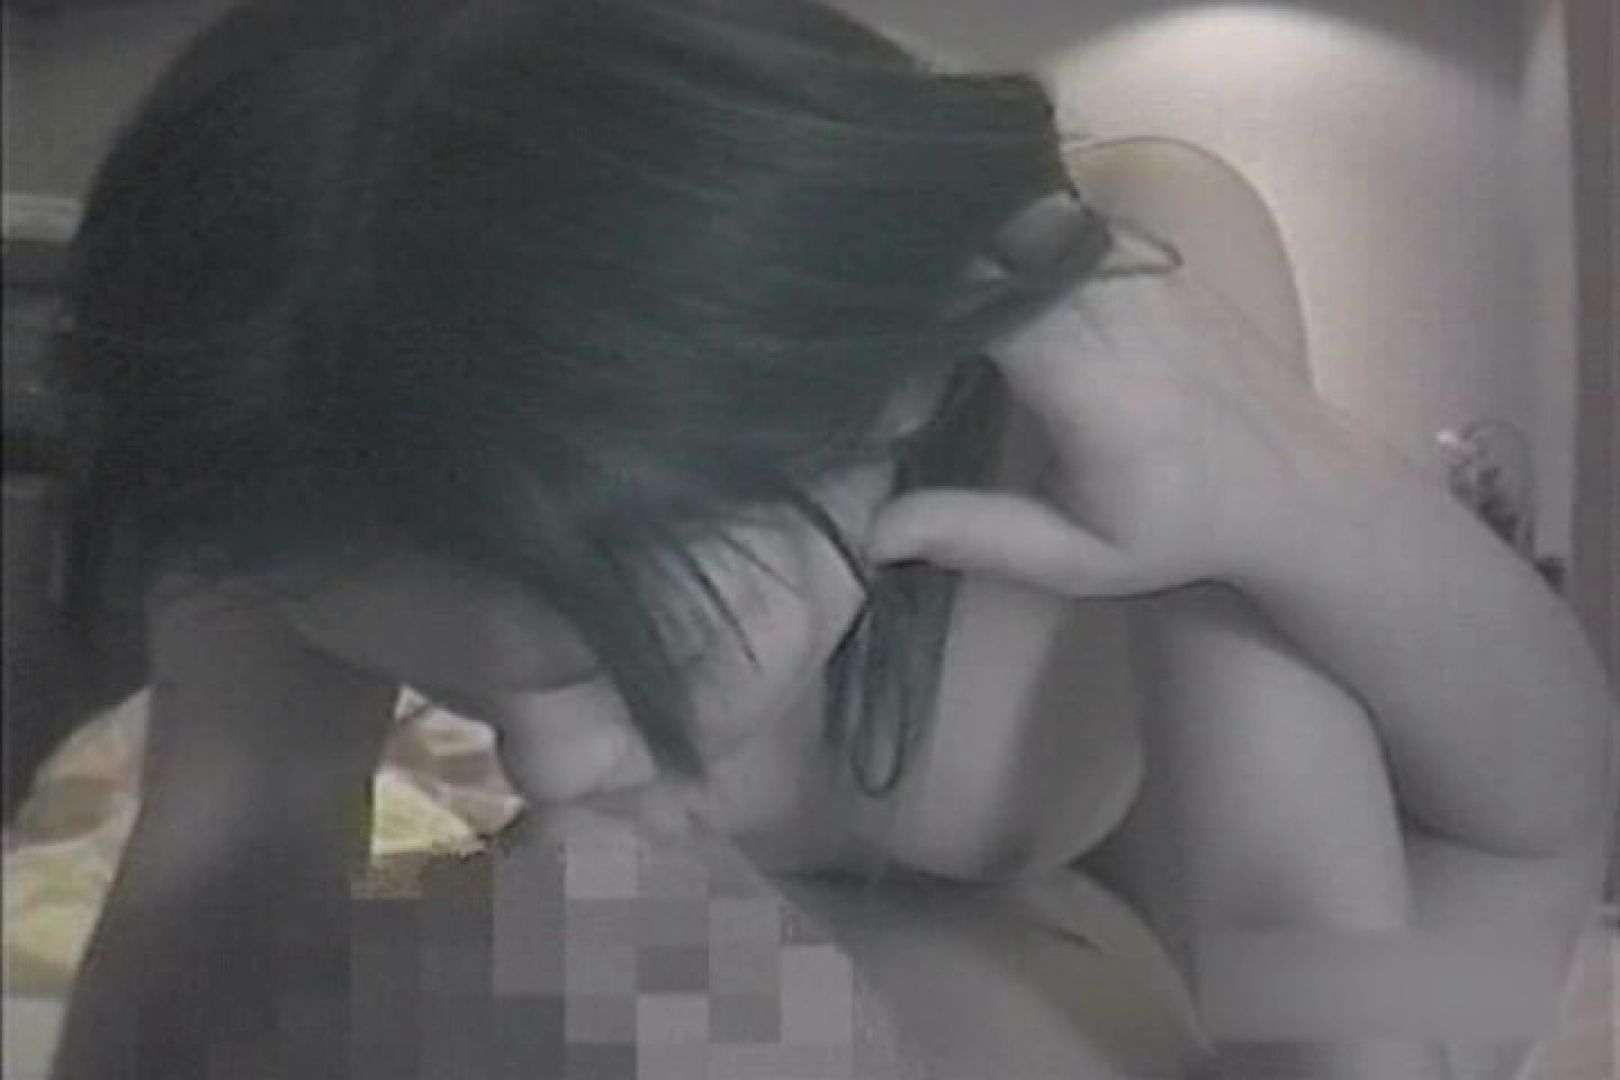 素人嬢をホテルに連れ込みアンナ事・コンナ事!?Vol.8 素人 隠し撮りおまんこ動画流出 104連発 51